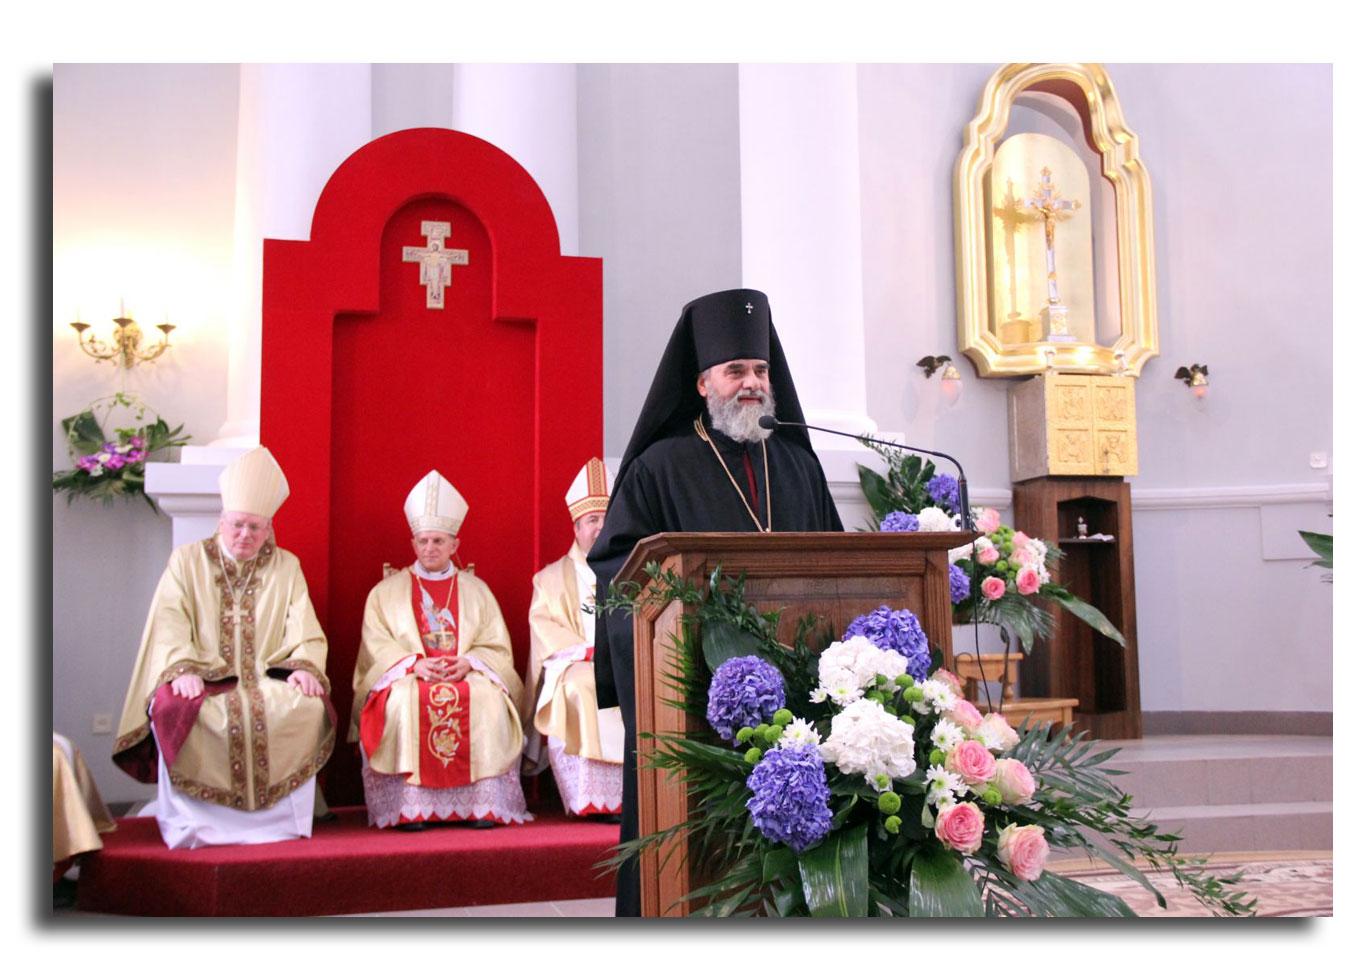 Rzymskokatoliccy oraz prawosławni biskupi na uroczystościach 250-lecia Kościoła Seminaryjnego w Żytomierzu